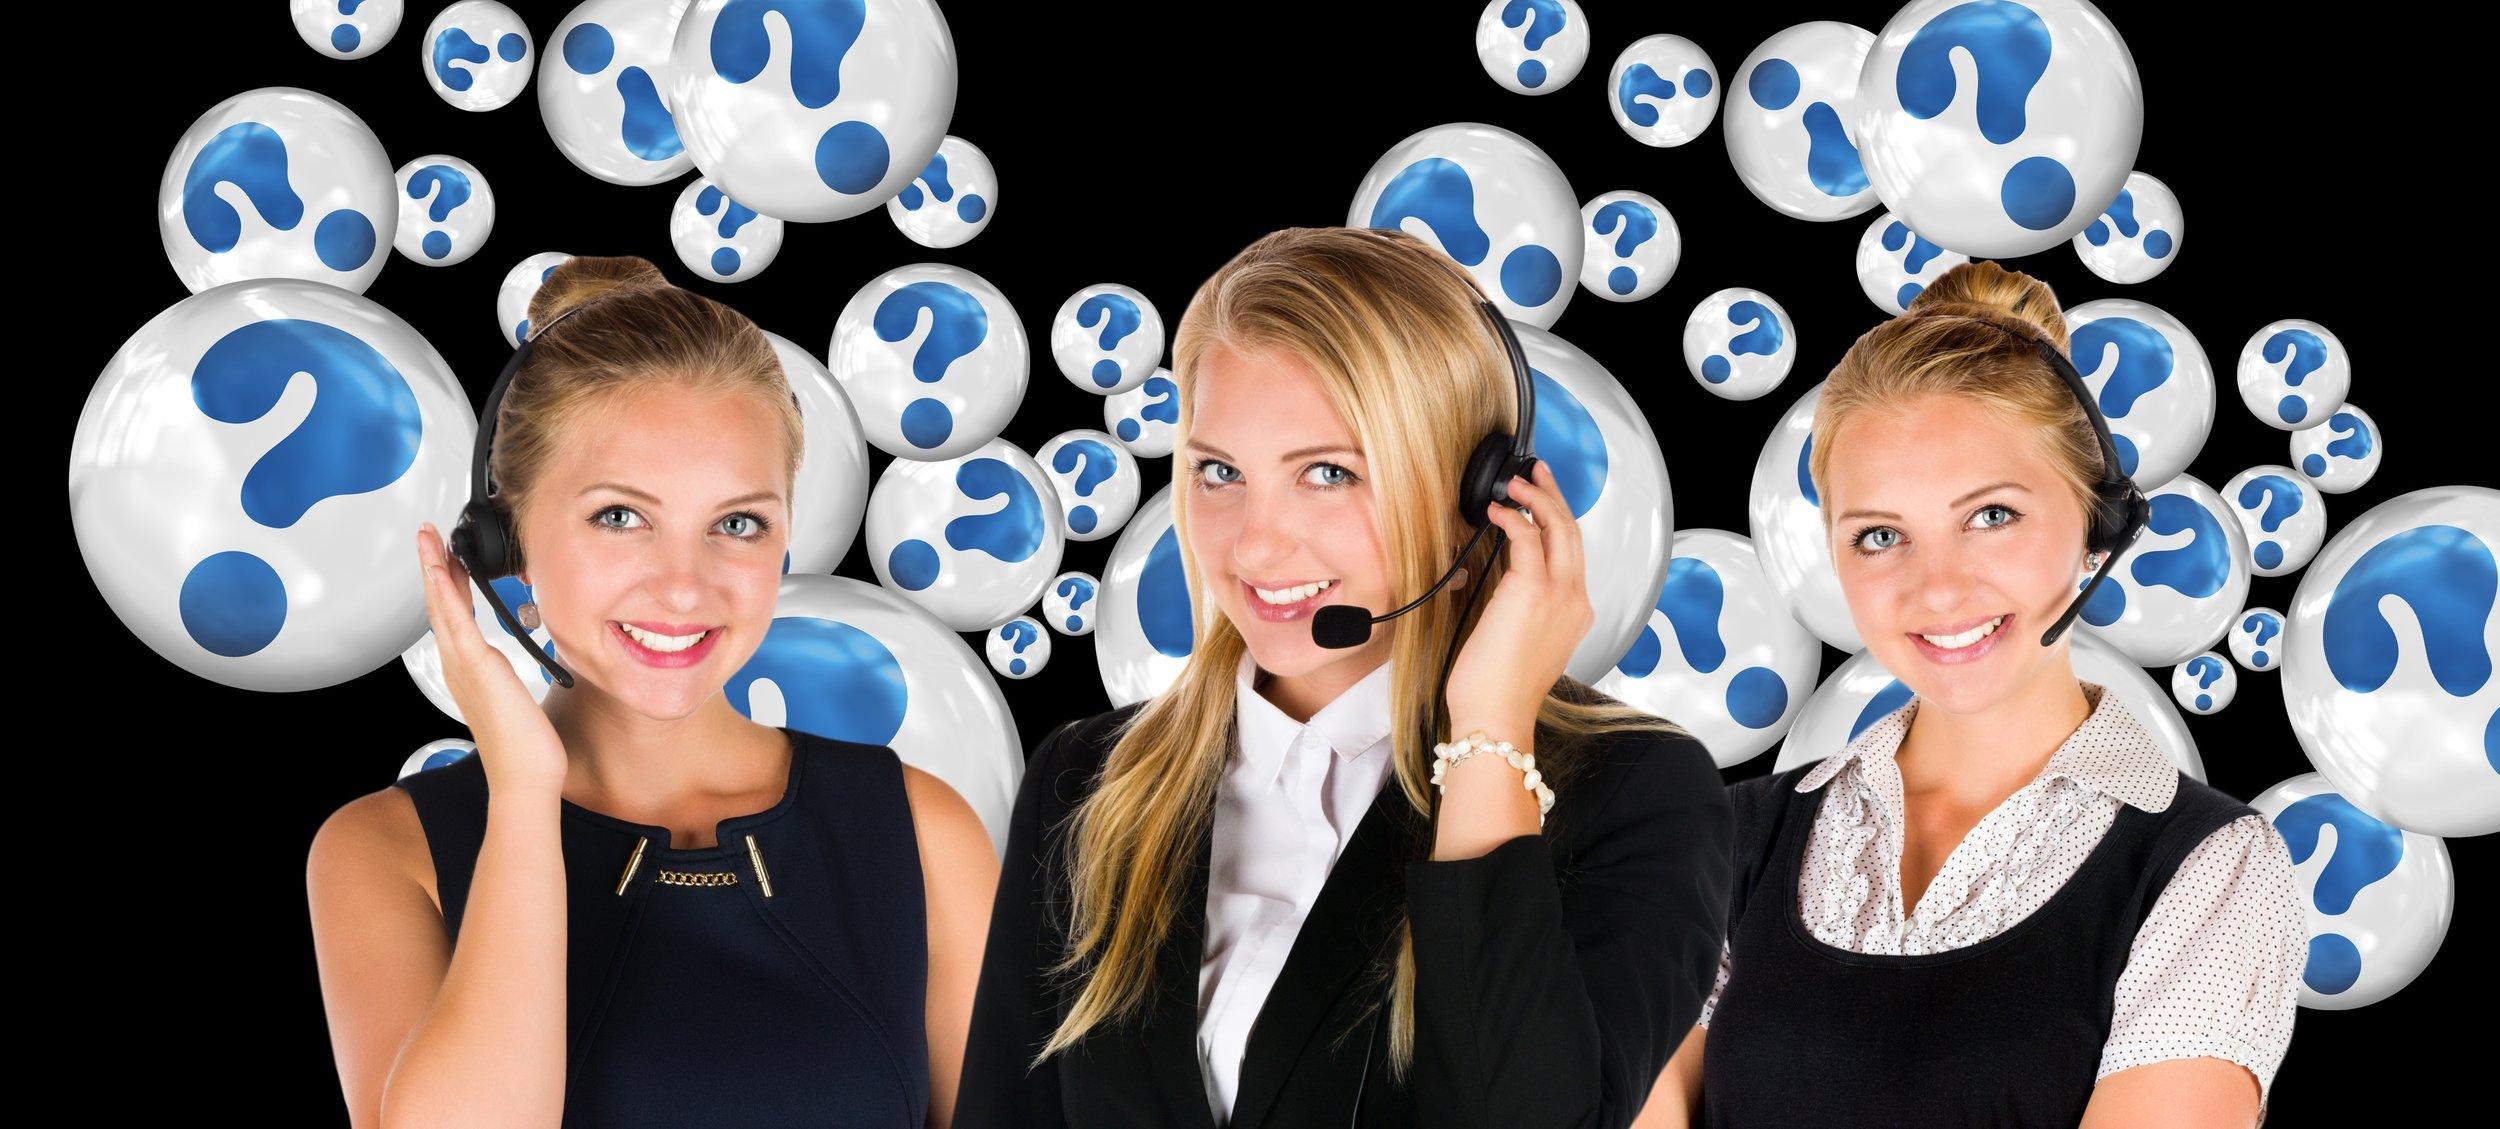 call-center-2998881.jpg